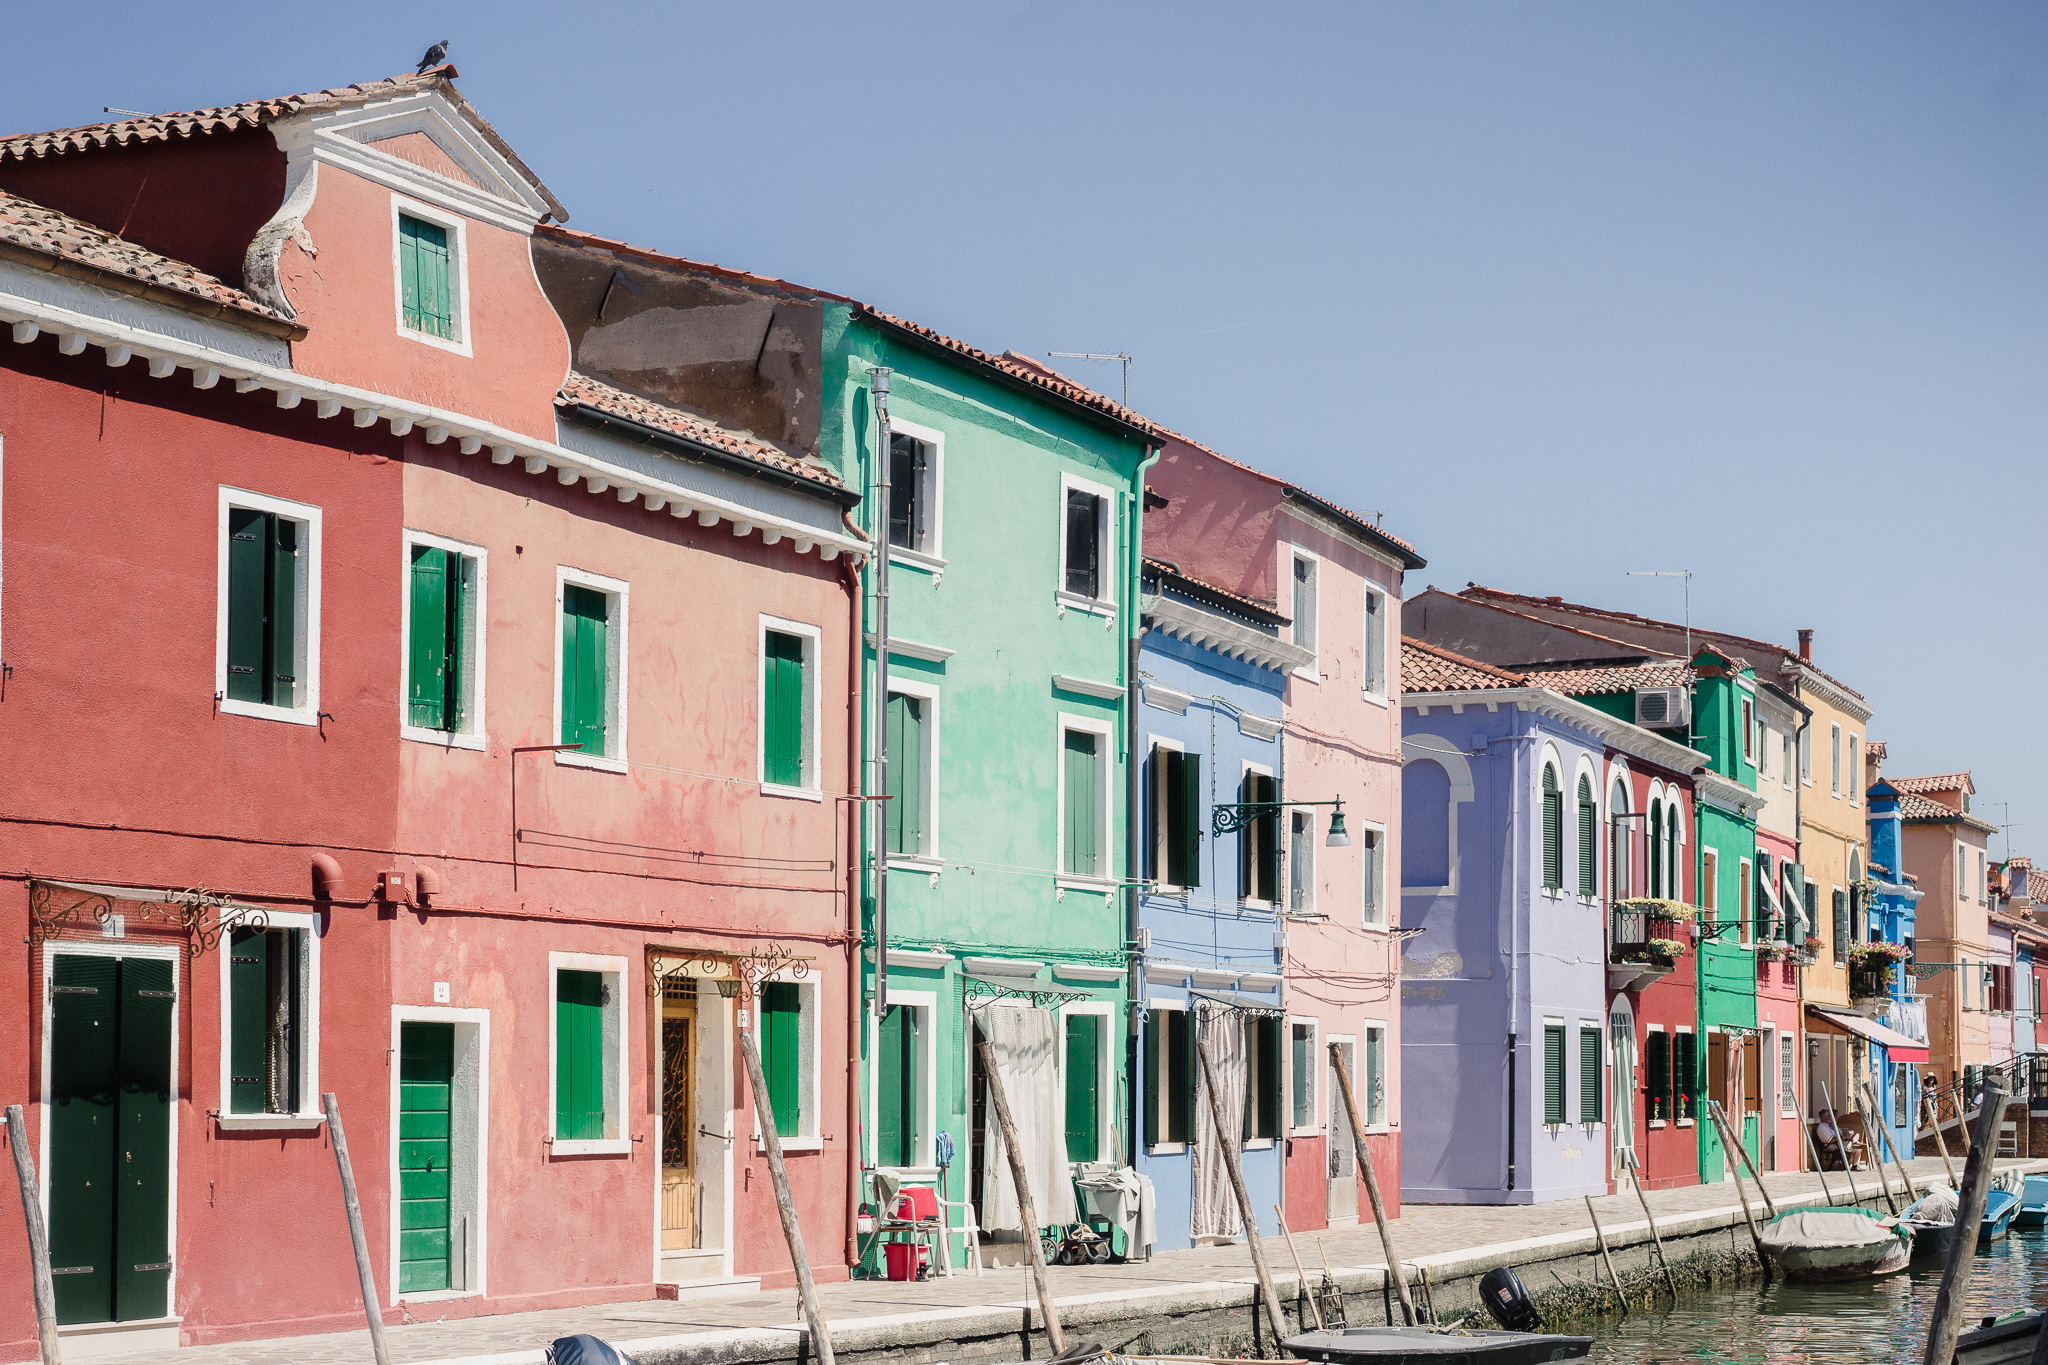 Venice-Burano-Italy-5.jpg